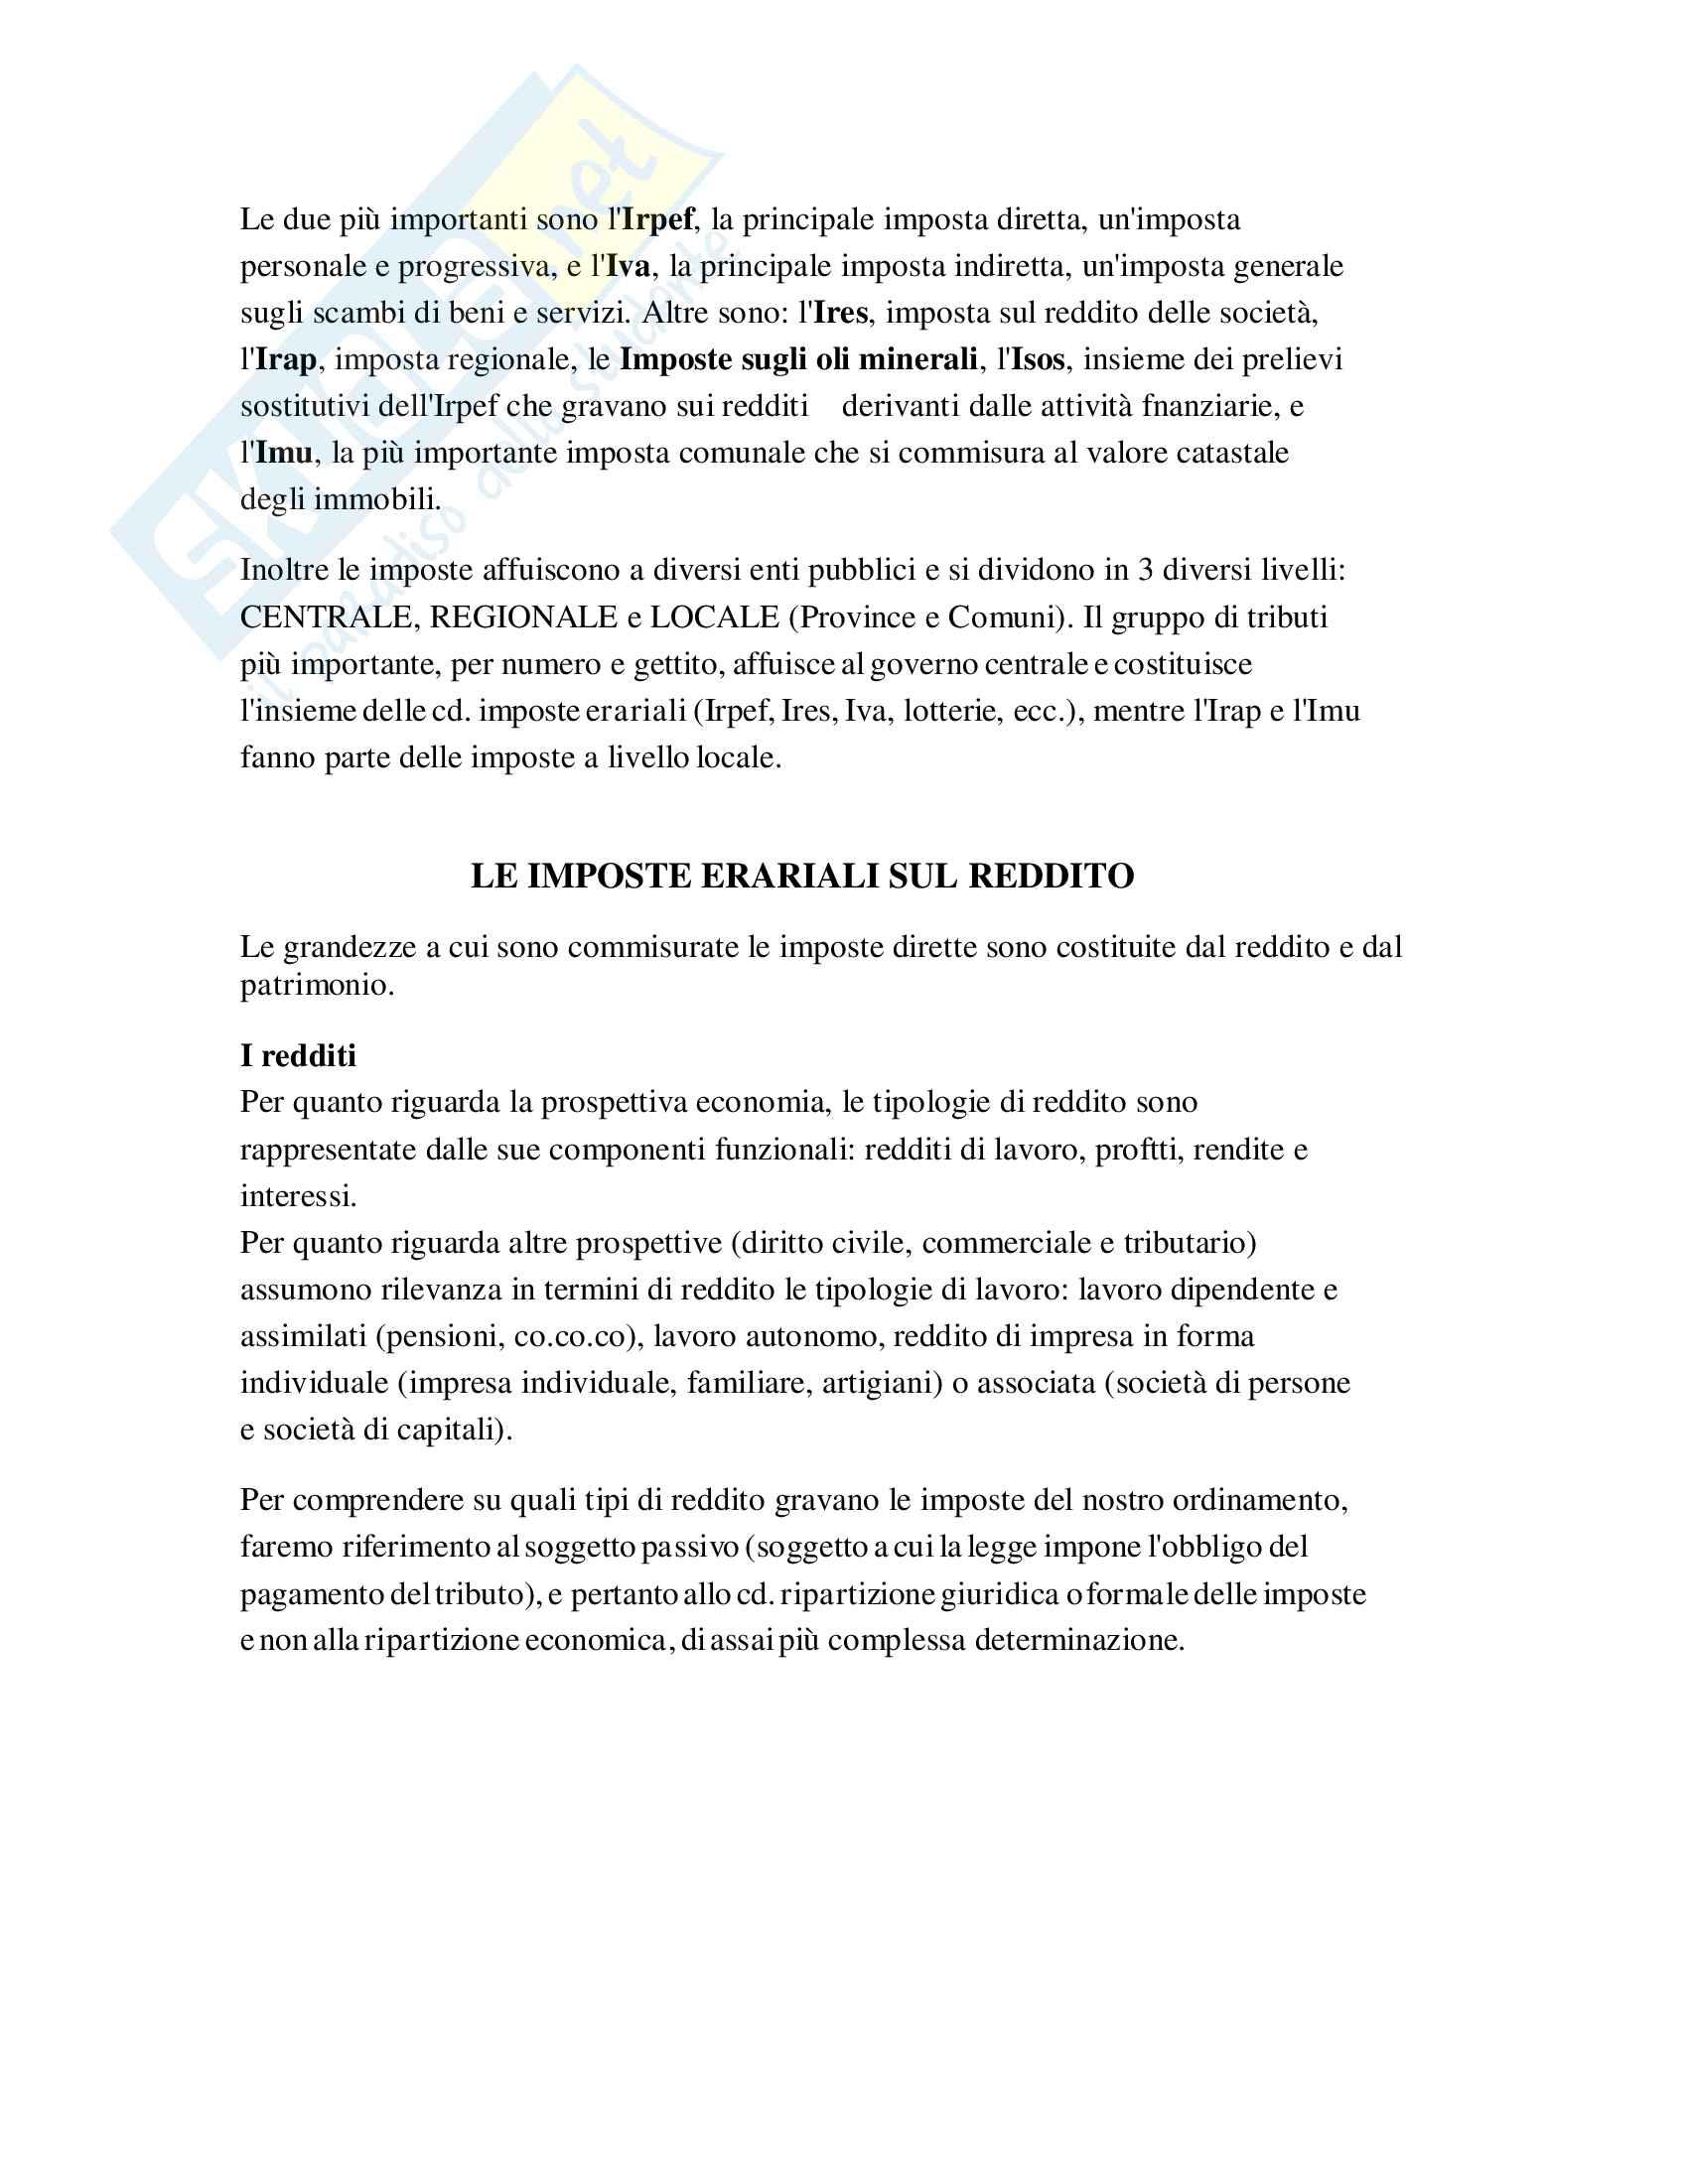 Riassunto Tributi economia italiana, esame di scienza delle finanze, prof Baldini, libro consigliato P. Bosi, M. C. Guerra: I tributi nell'economia italiana Pag. 6